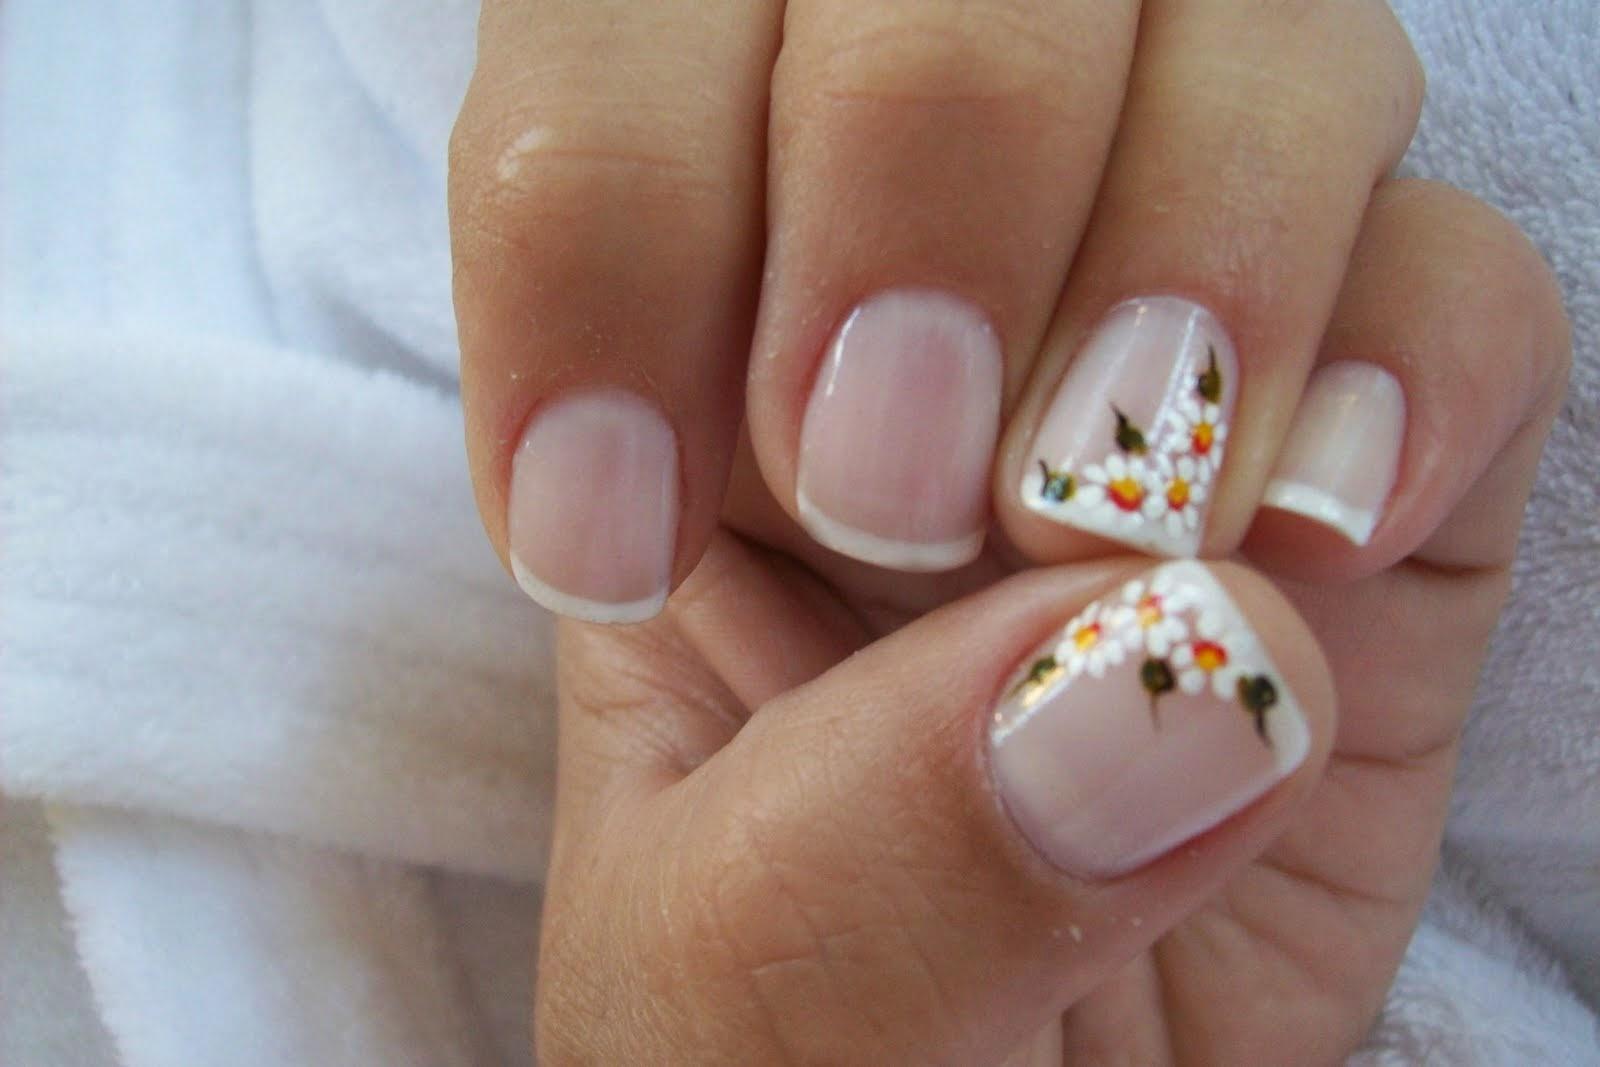 Sencillo pero lindo decorado de uñas con flores, ideal para una ocasión especial